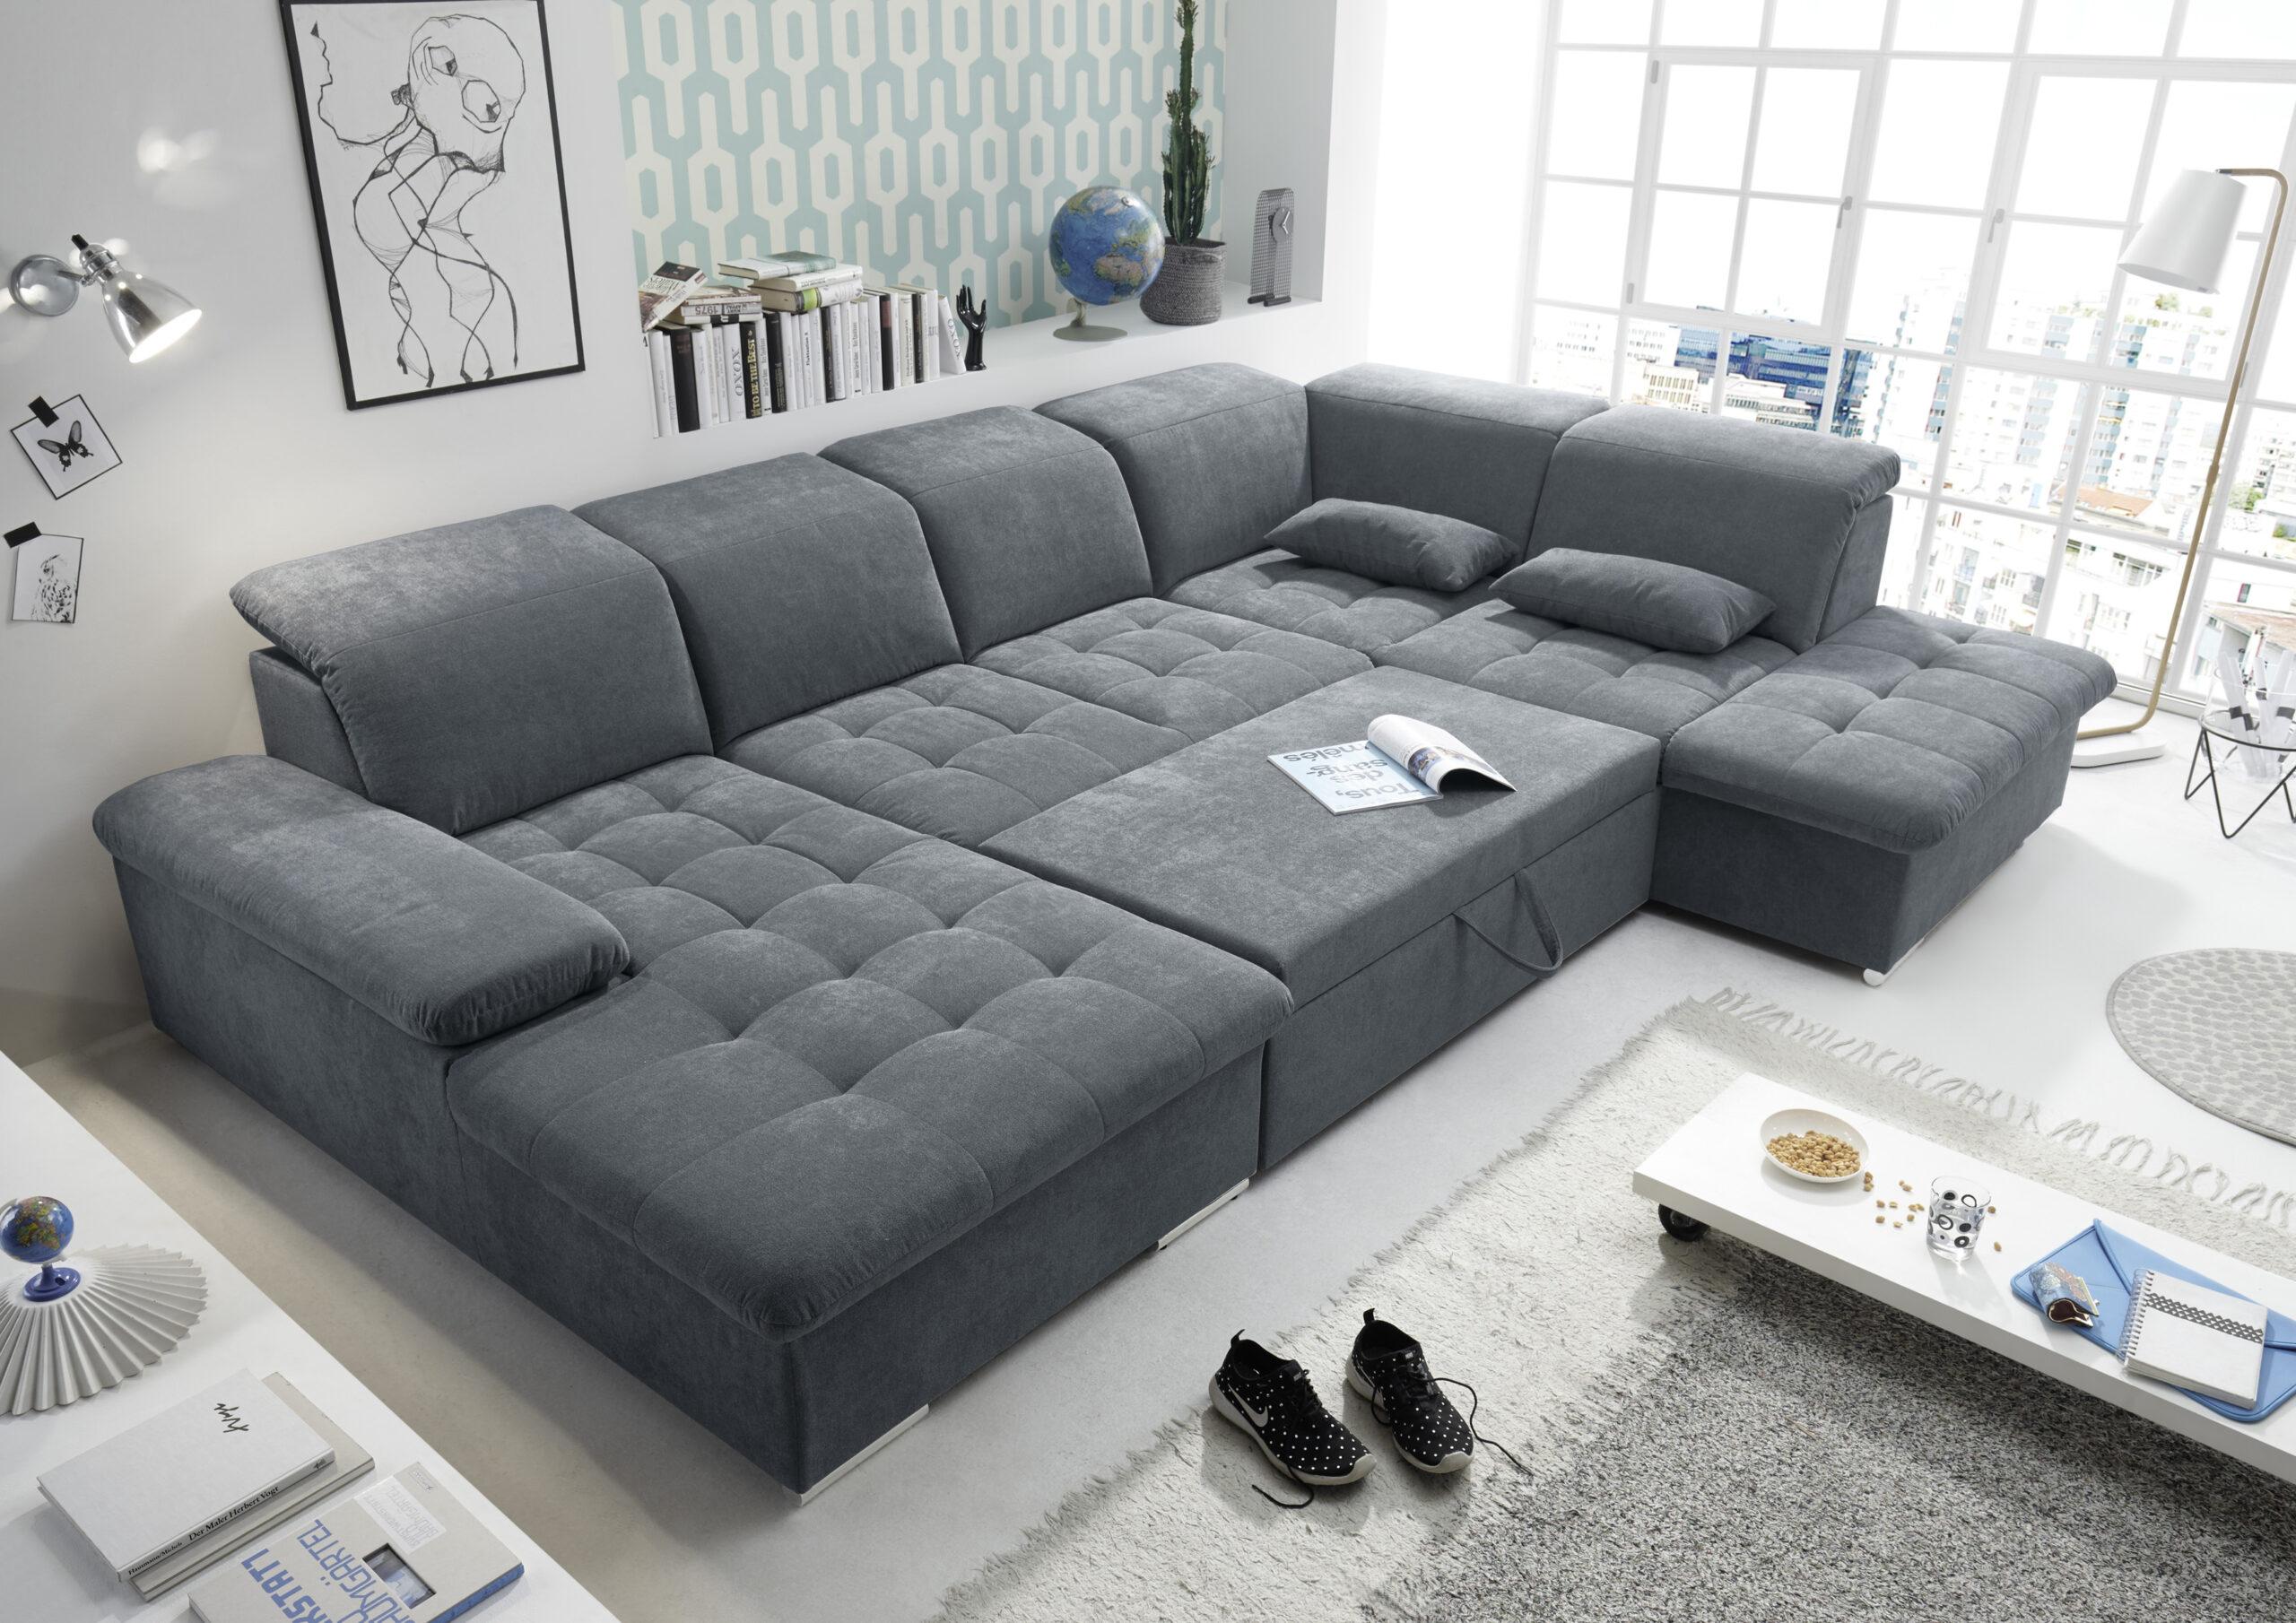 Full Size of U Form Sofa Couch Wayne R Schlafcouch Wohnlandschaft Schlaffunktion Alcantara Fenster Online Konfigurieren Modulküche Ikea Barrierefreie Dusche Groß Sofa U Form Sofa